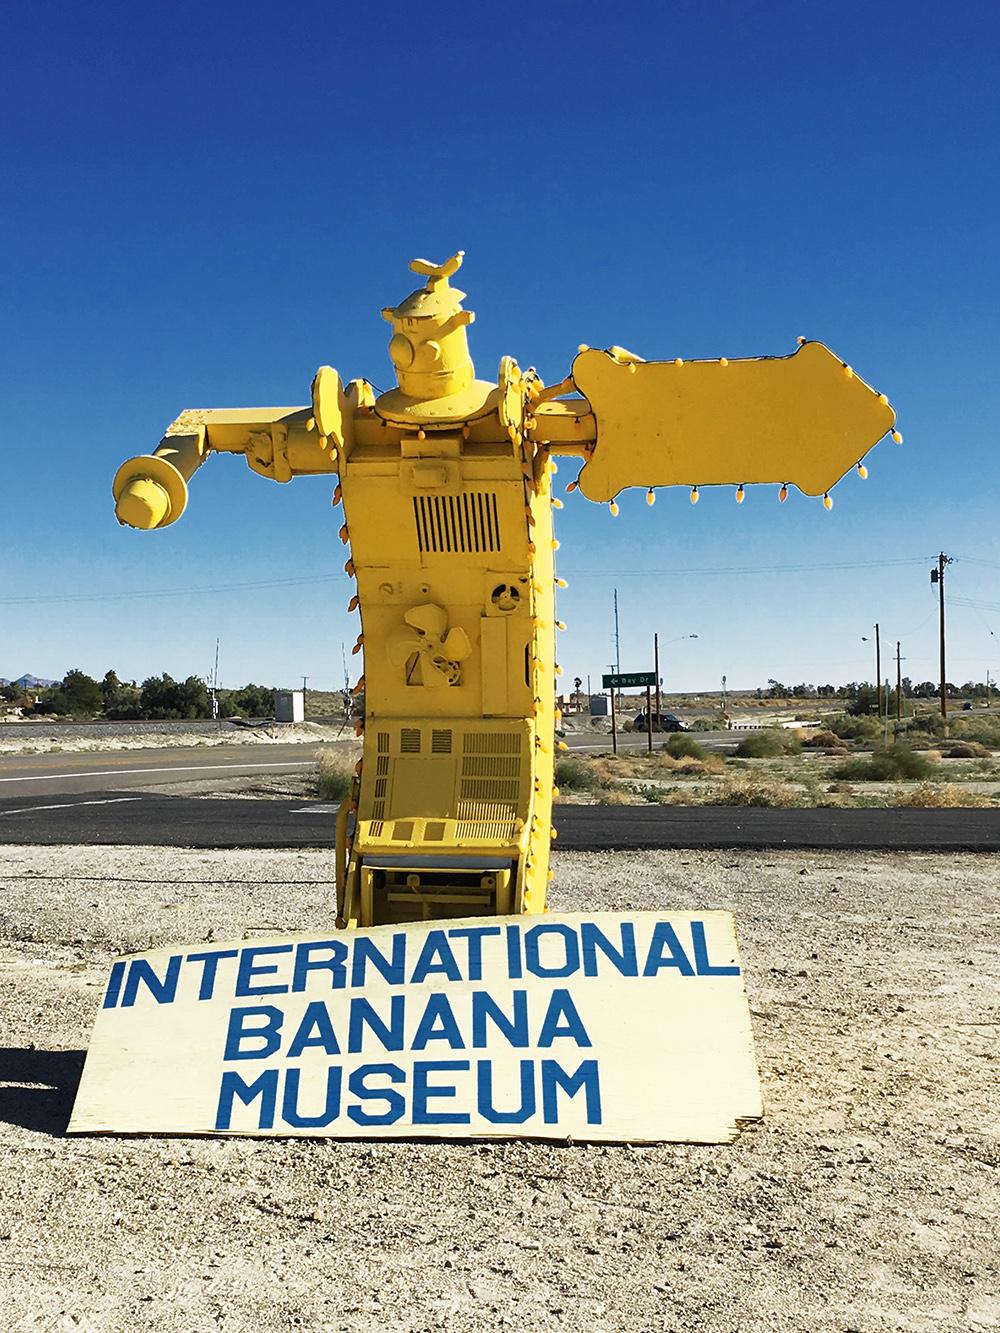 Internationales Bananen Museum in Mecca, Kalifornien